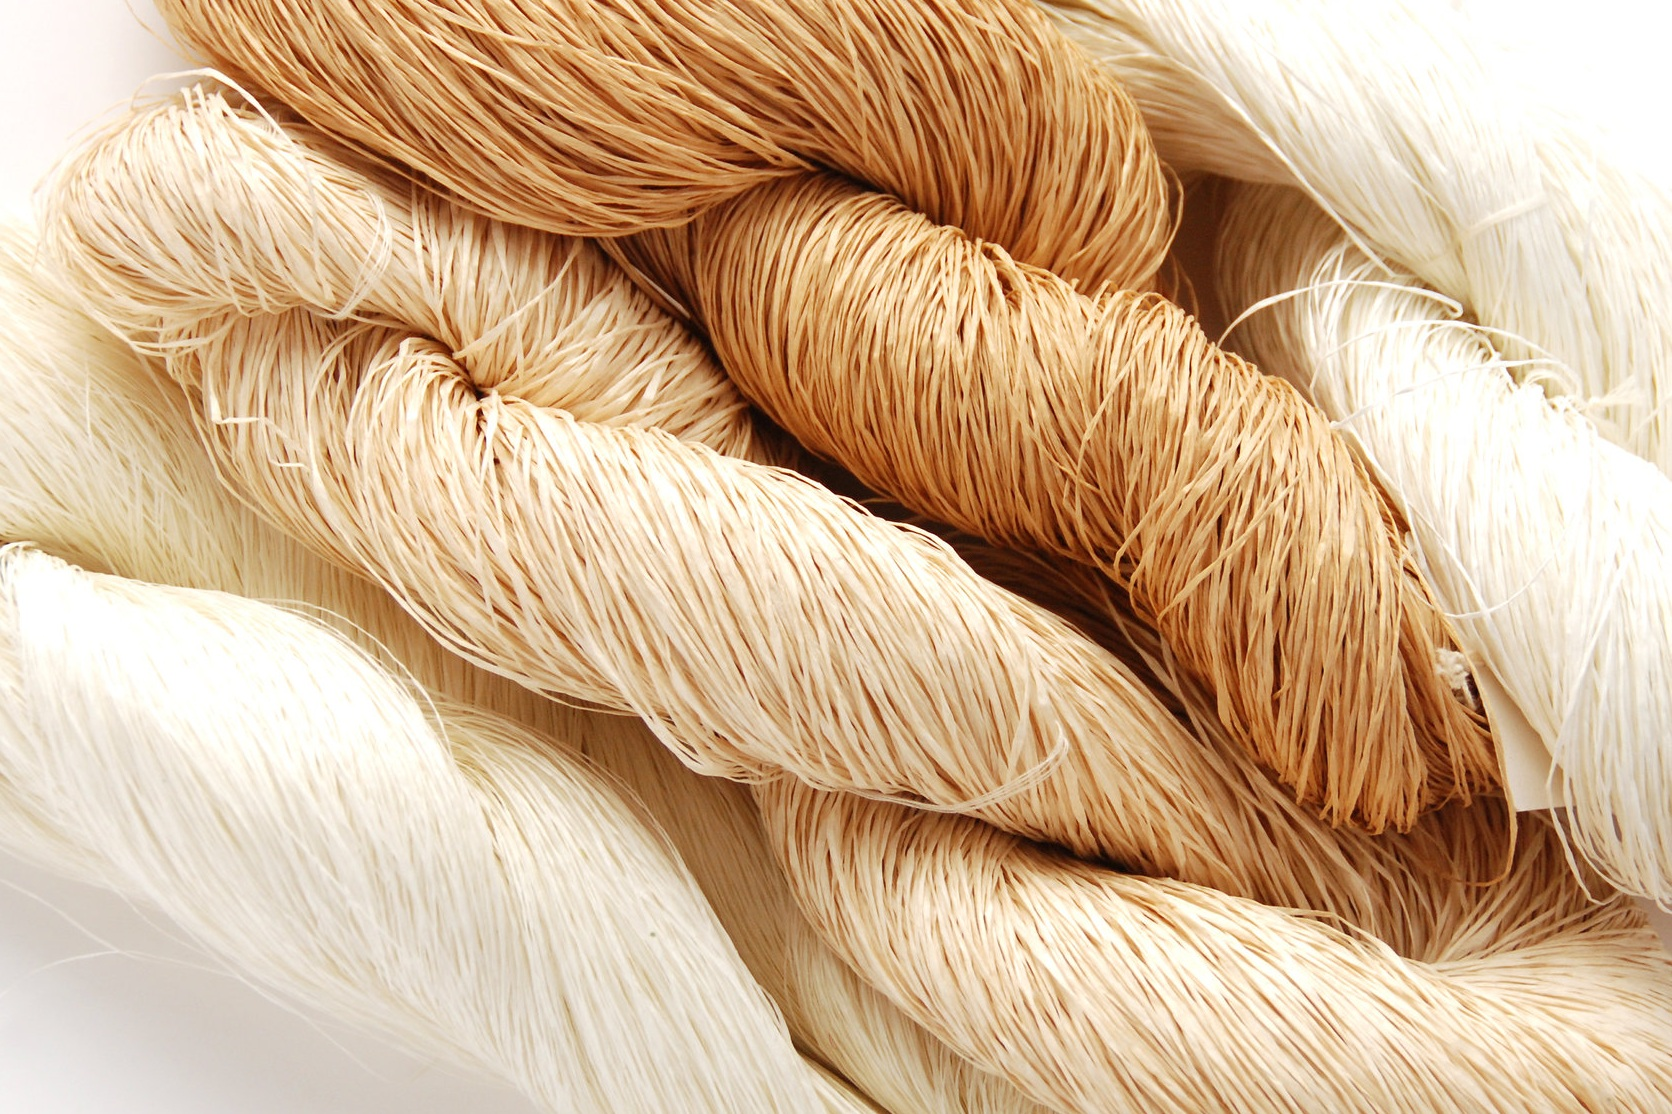 Native%26Co-Sasawashi-Workshop-sasawashi+yarn.jpg